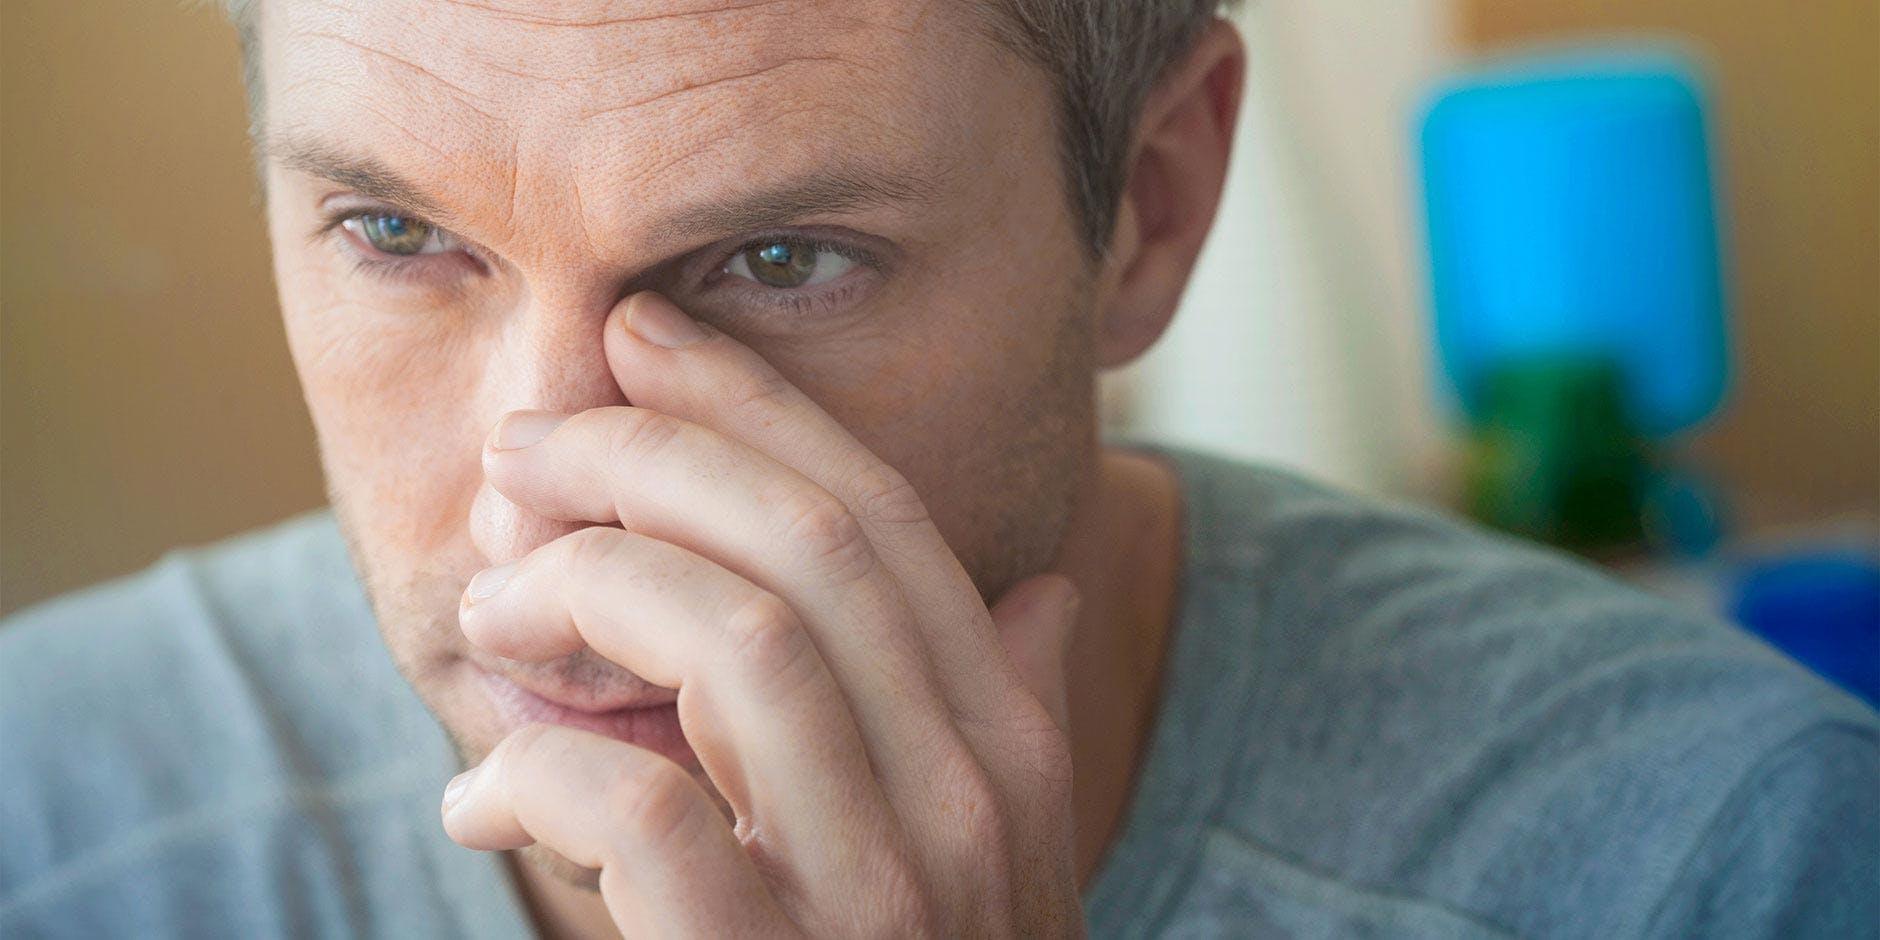 Nasennebenhöhölenentzündung Symptome